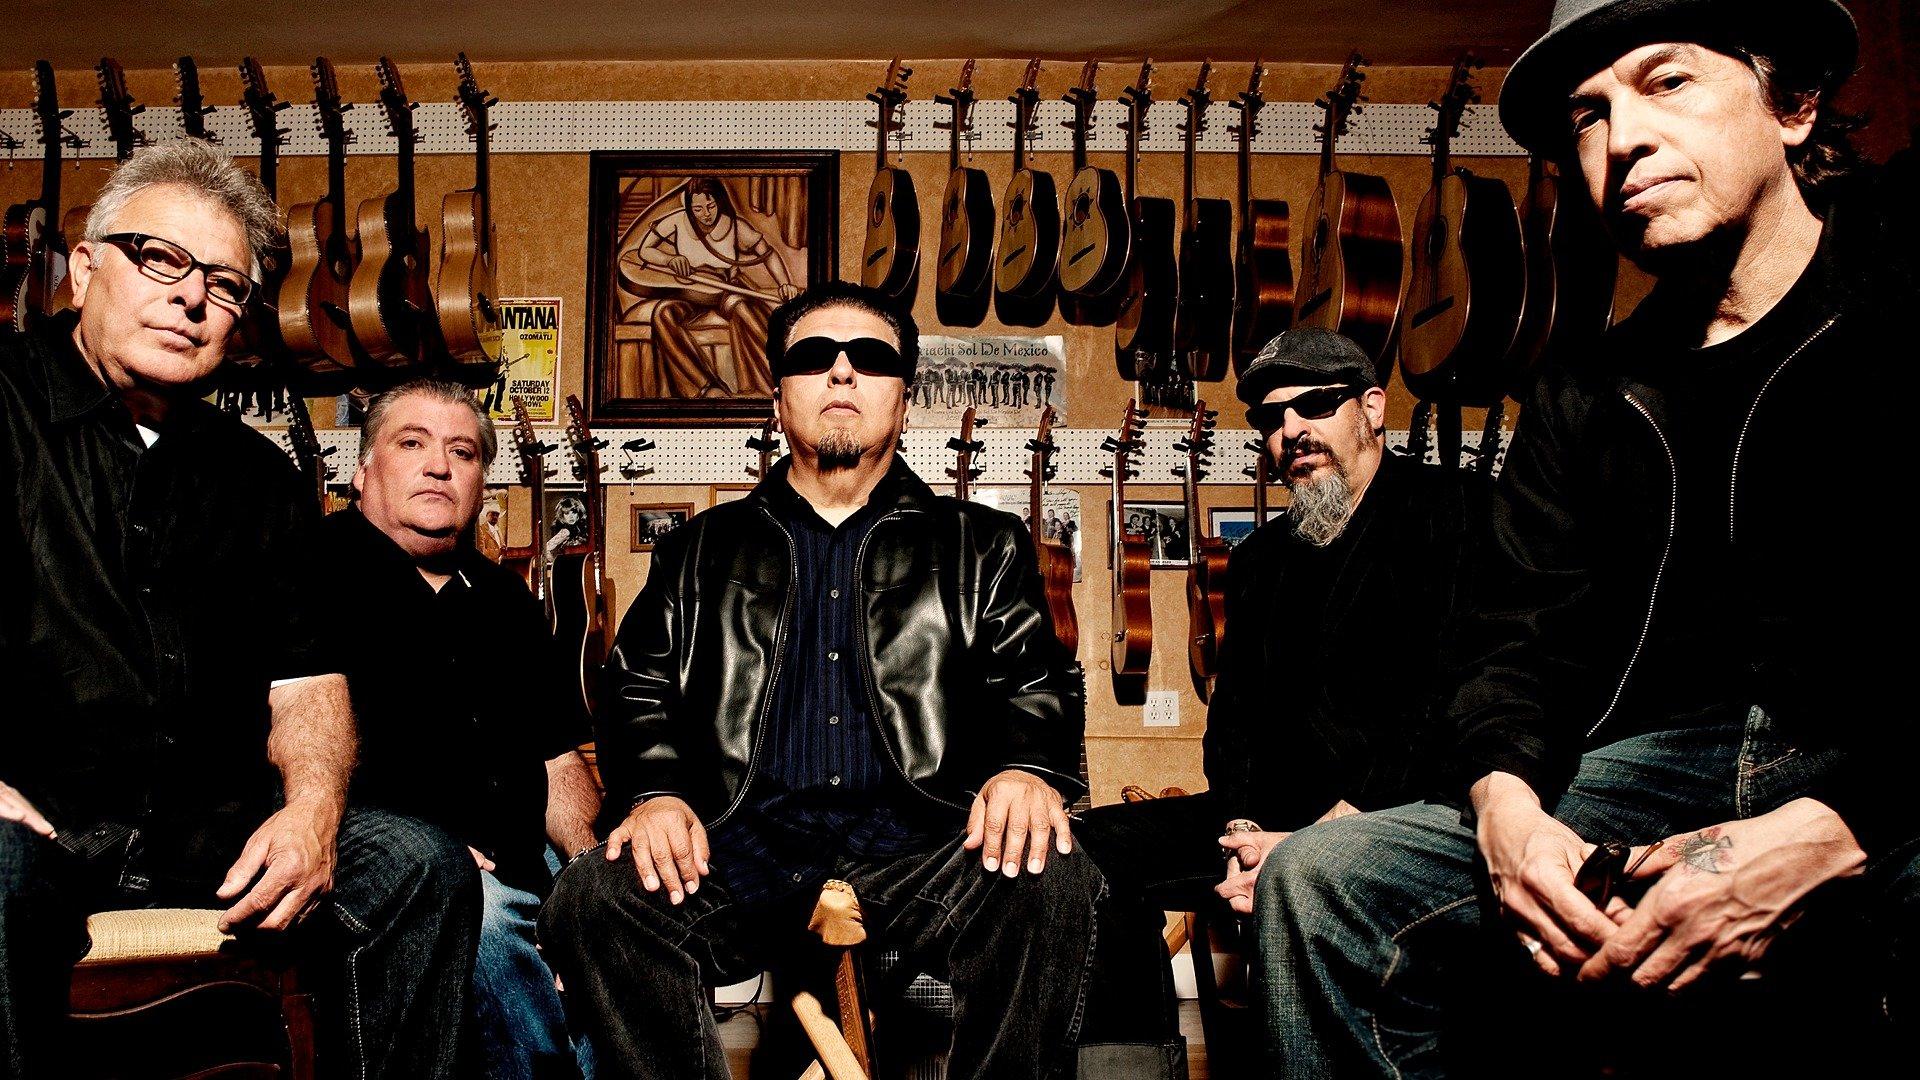 Los Lobos, angelinos de origen mexicano creando su propio sonido